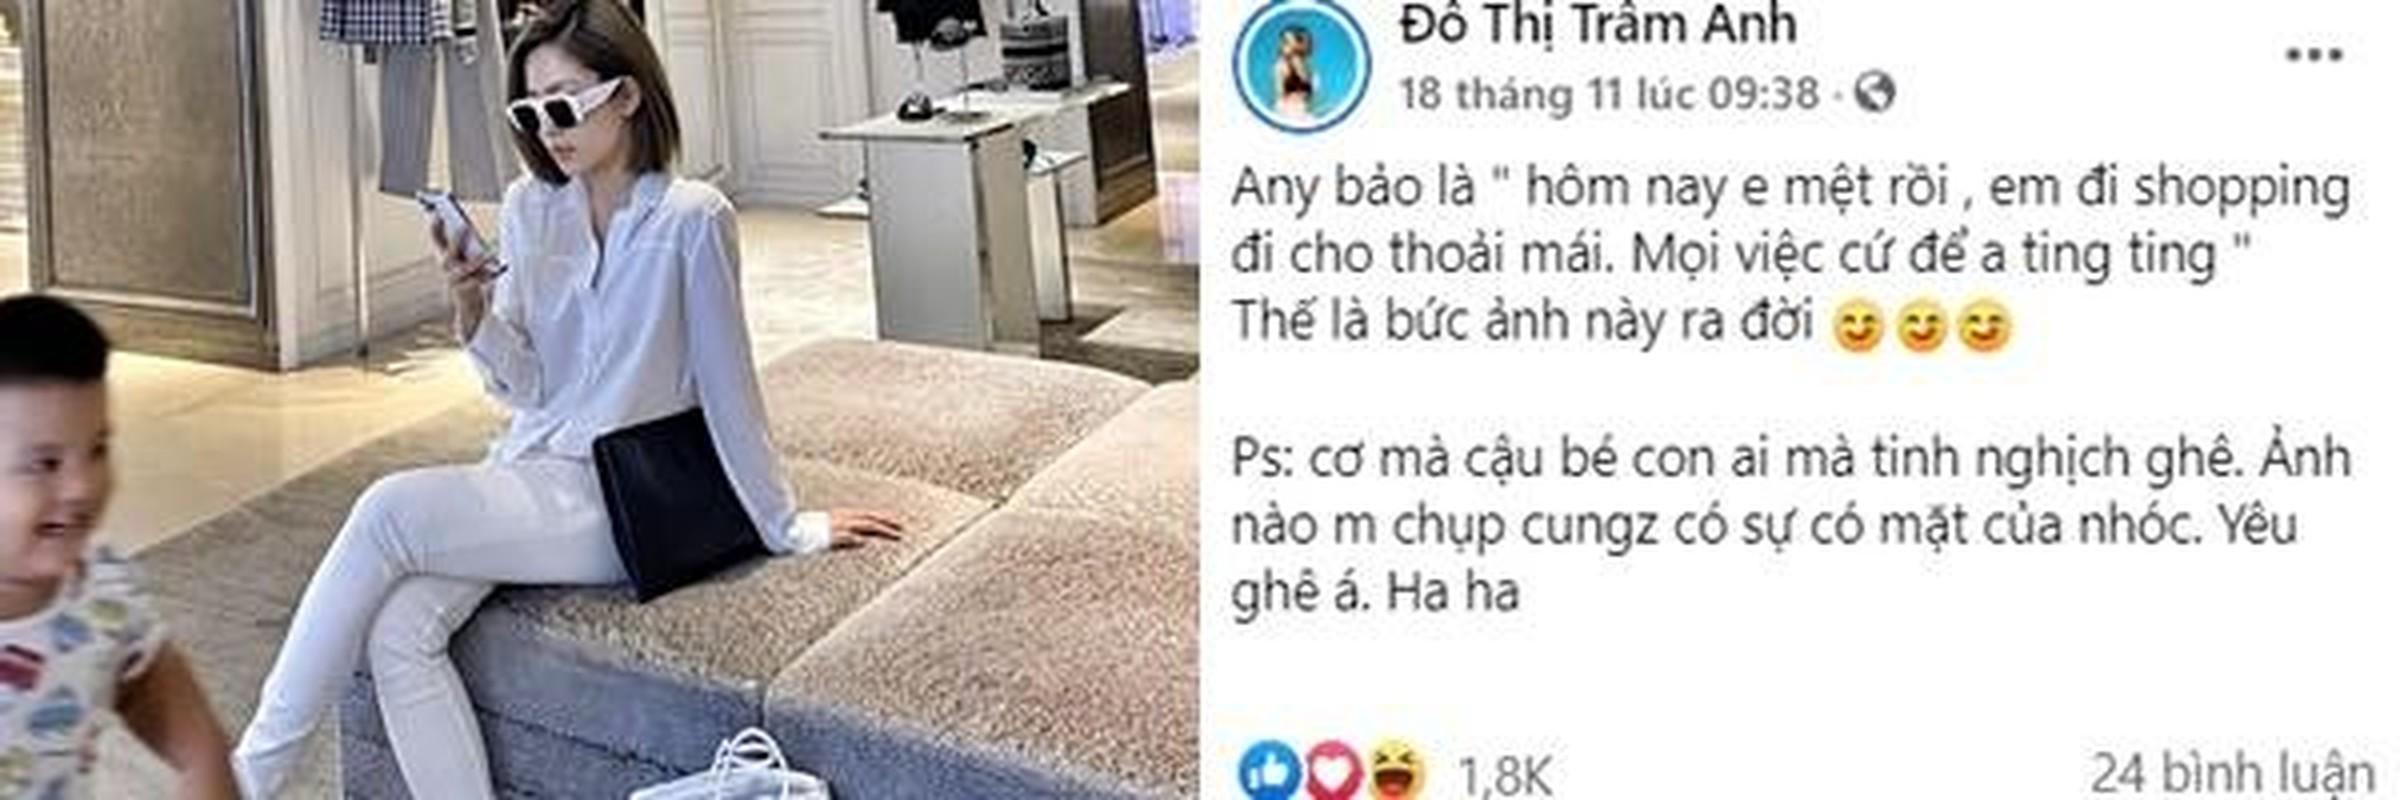 De lo canh tay la, hot girl Tram Anh khien netizen don doan xon xao-Hinh-9